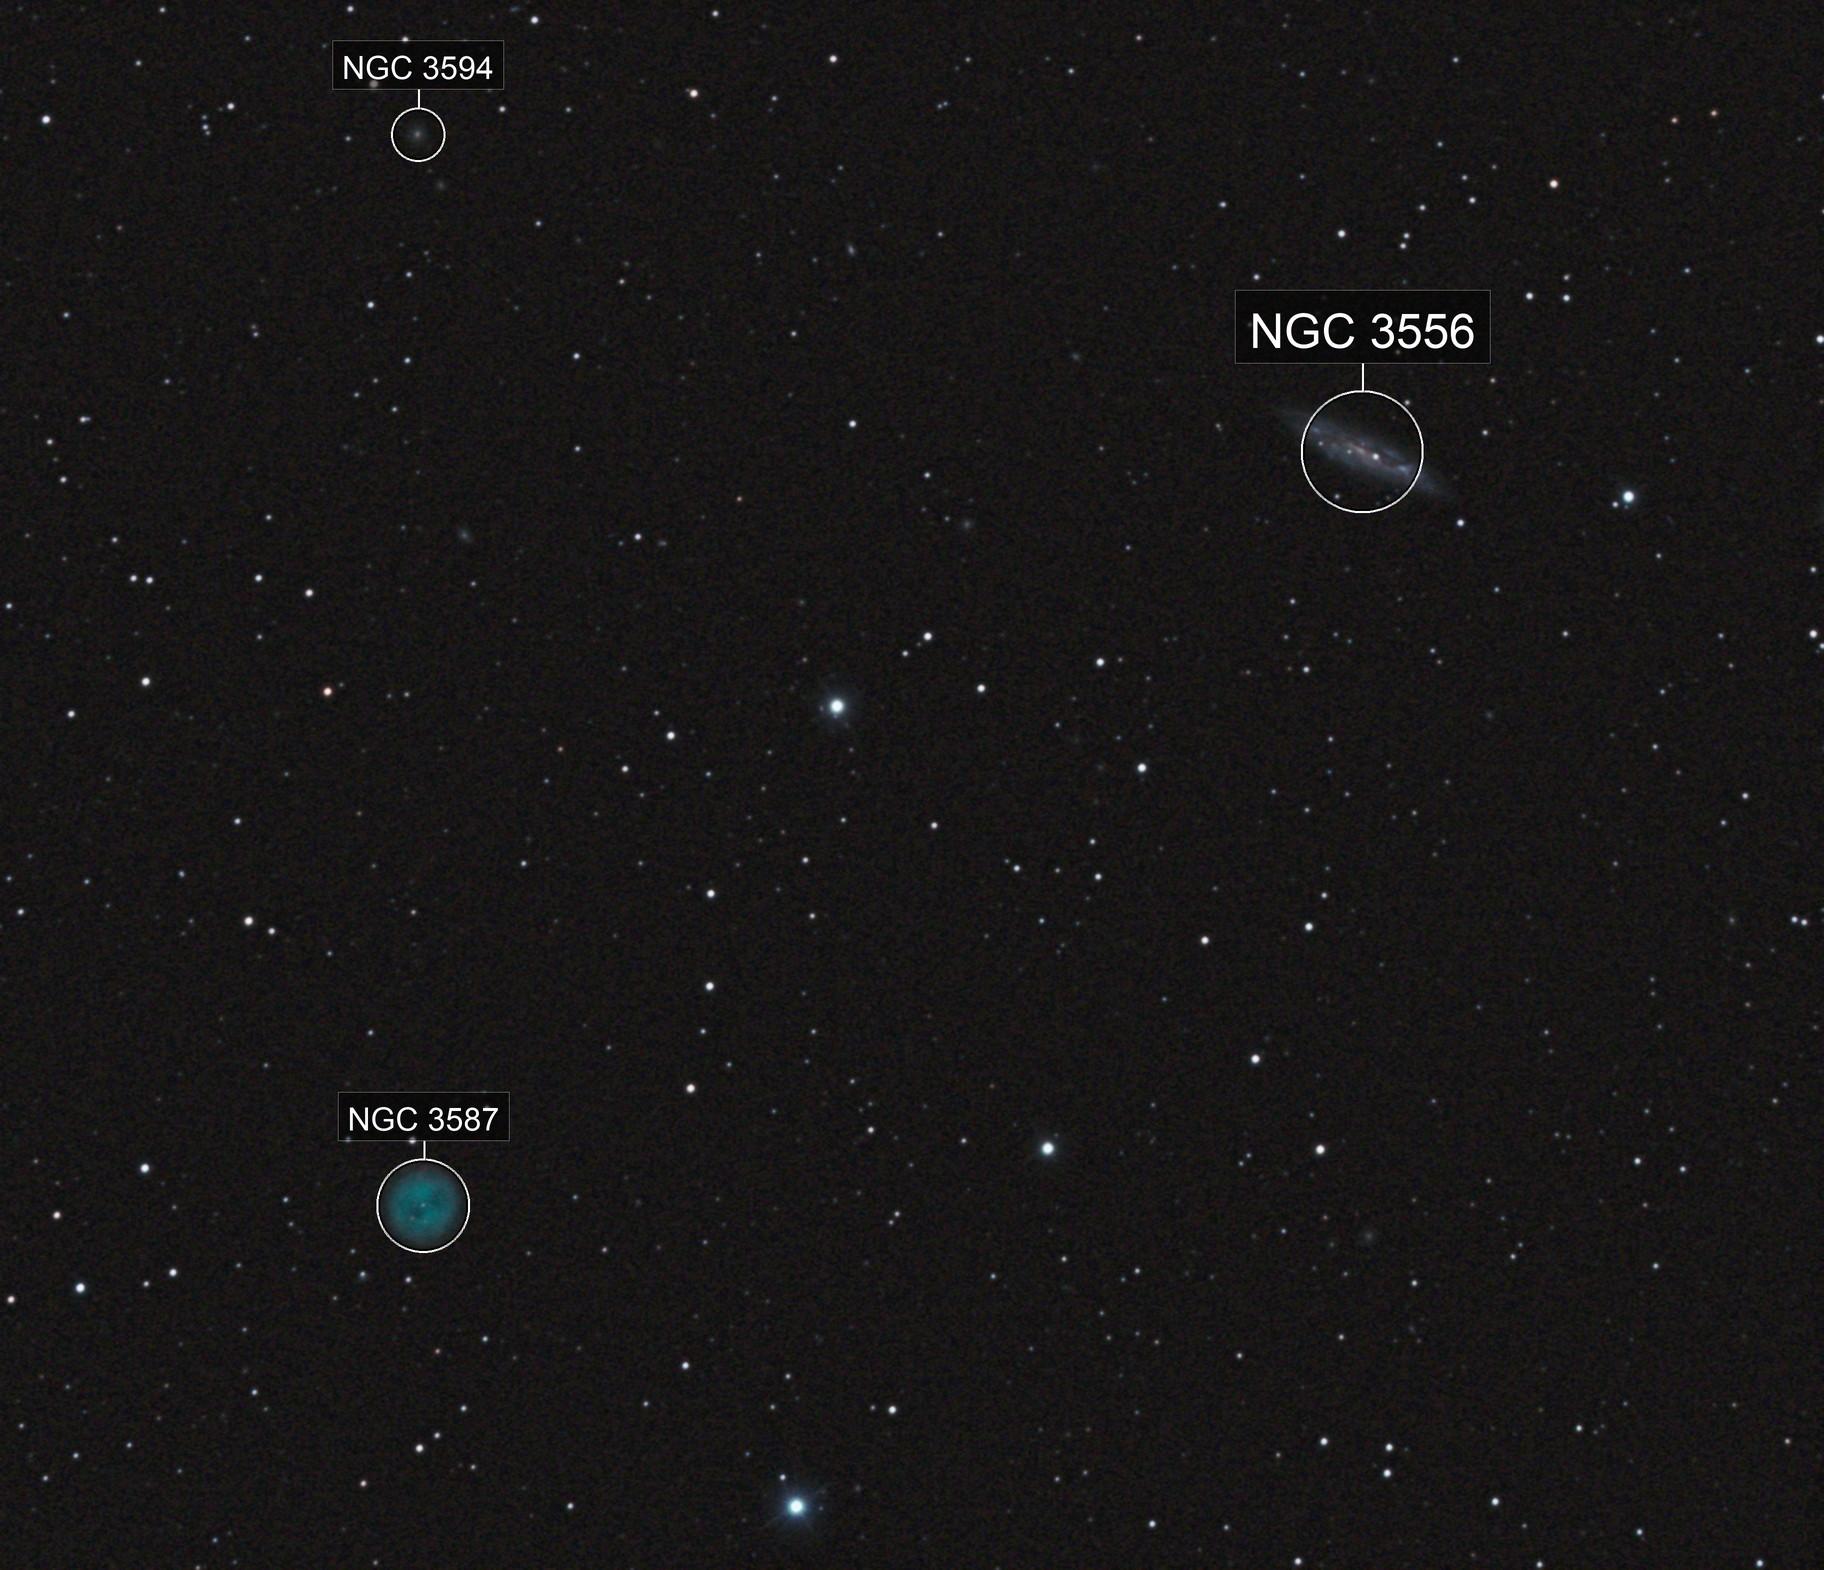 M097 2012 + M108